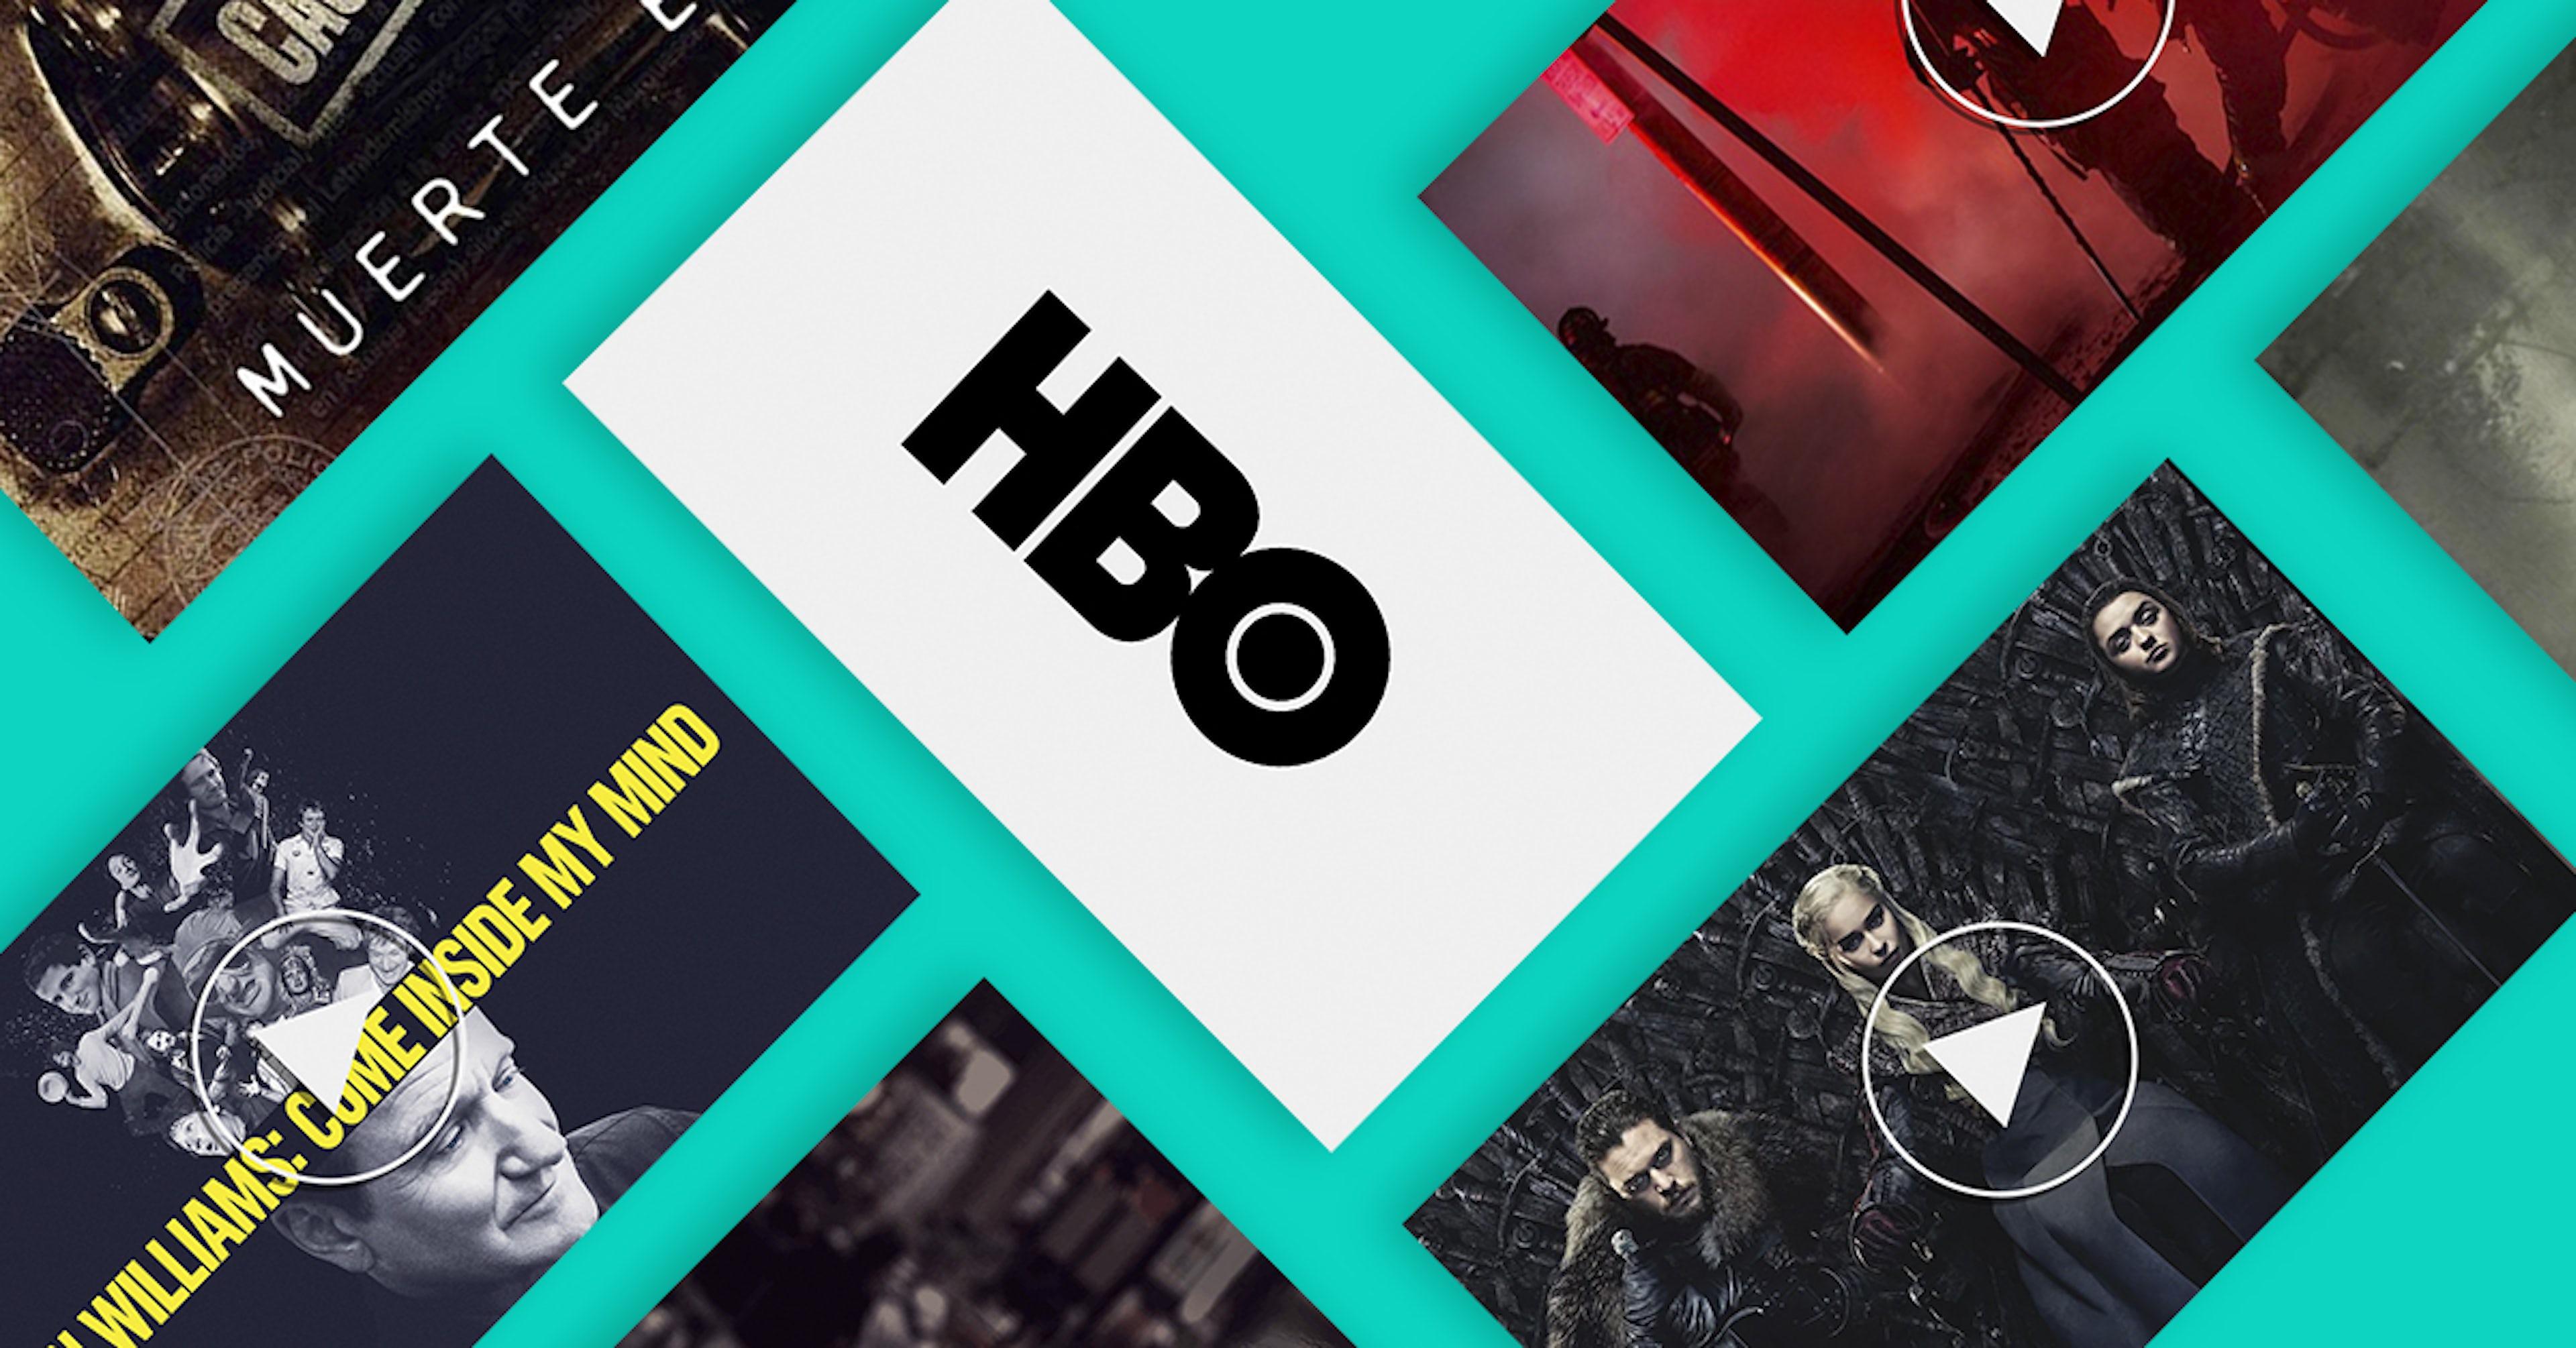 Estos son los 10 mejores documentales de HBO que no te puedes perder